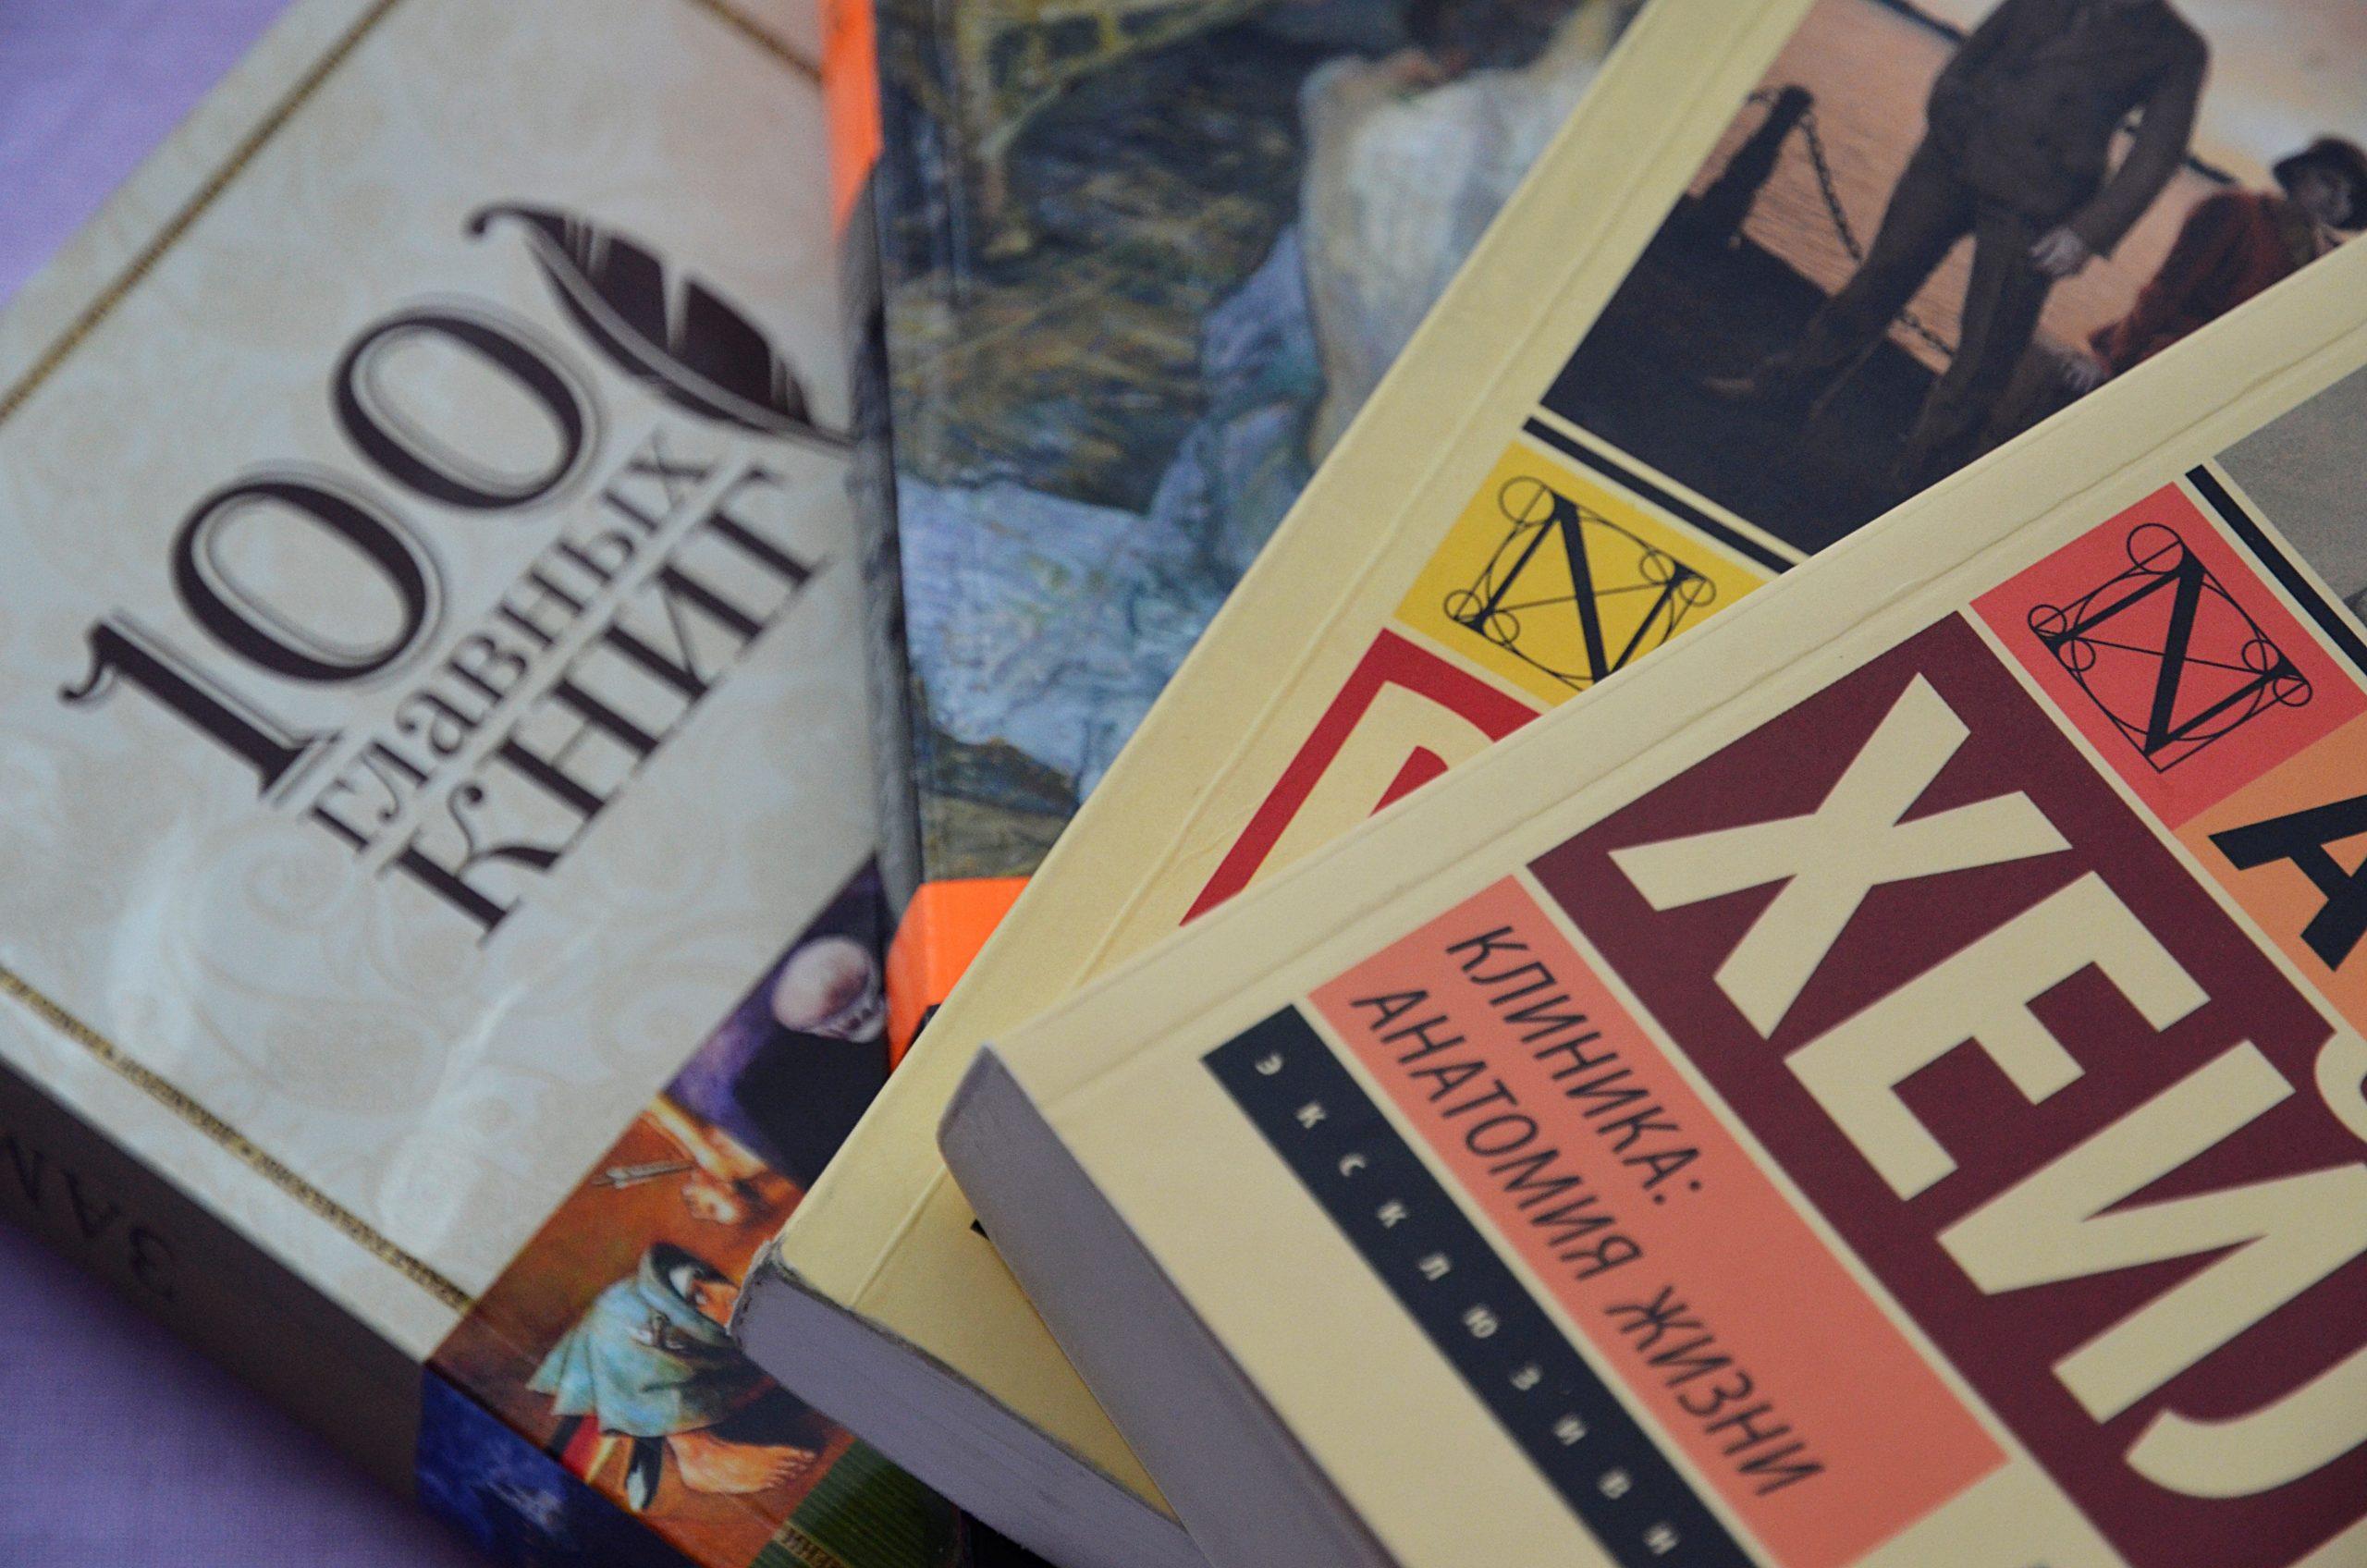 В ТиНАО представили видеопроект о творчестве и произведениях Агнии Барто